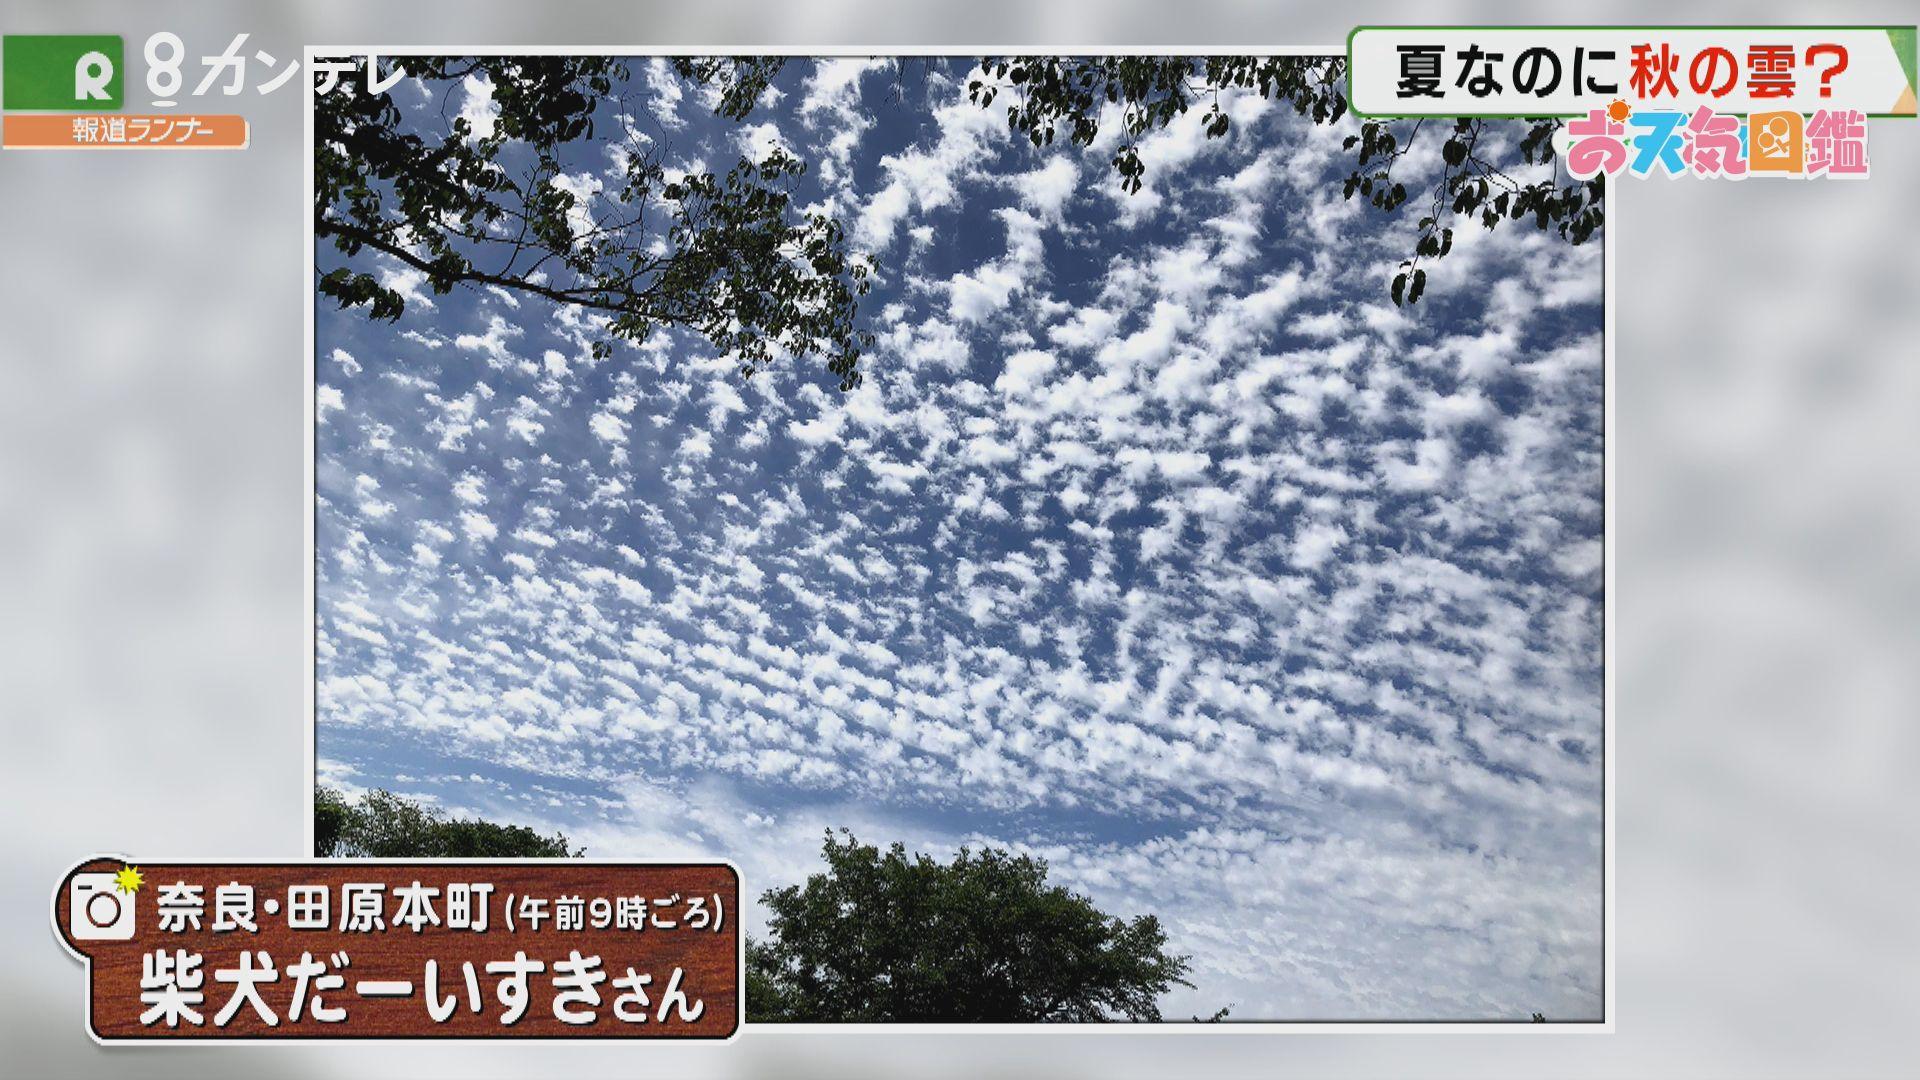 「初夏なのに秋の空?」(奈良・田原本町)